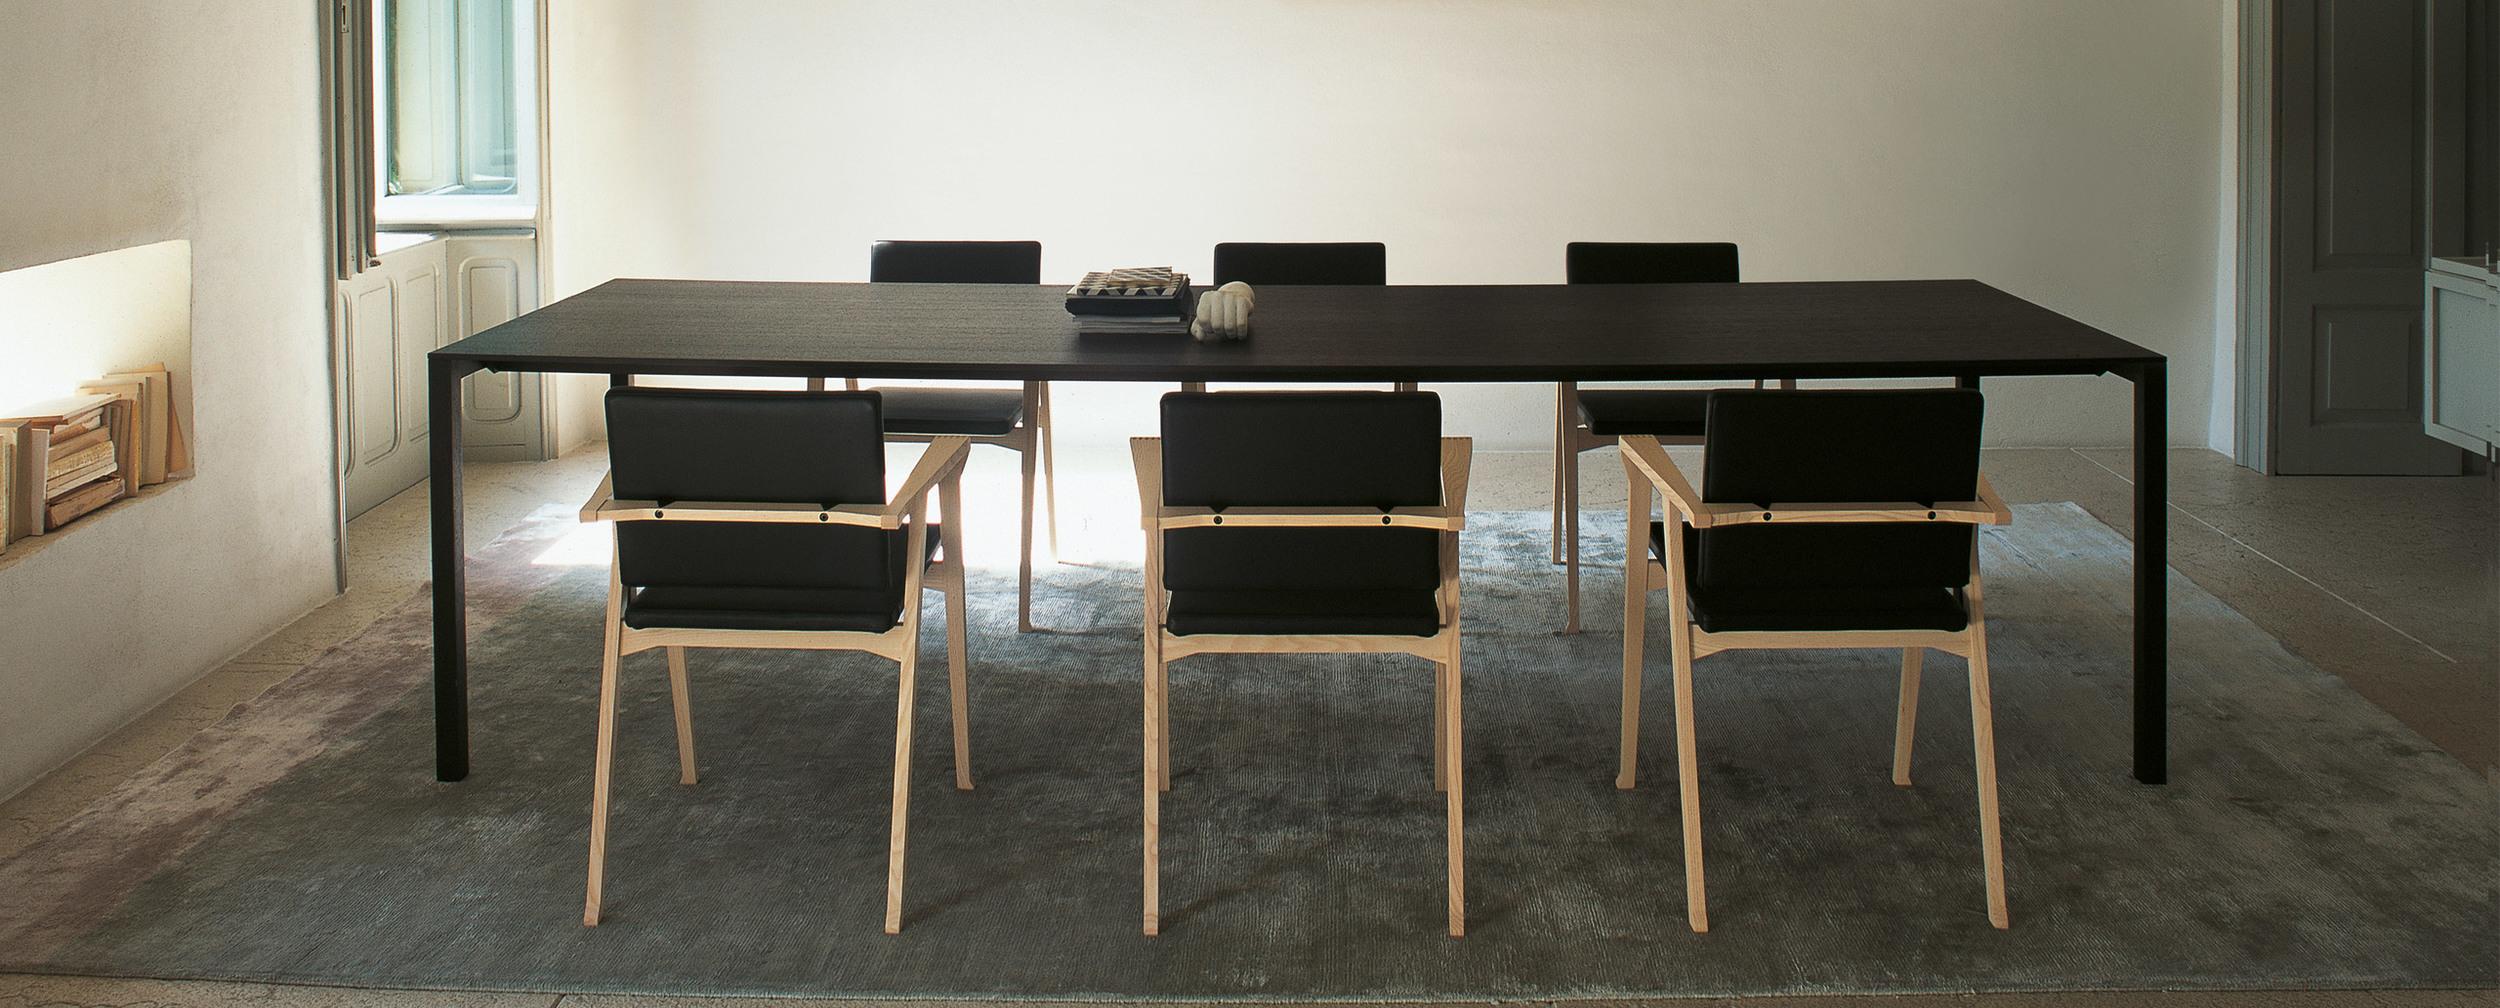 195_naan_4 Cassina Loncin design verlengbare tafel meubel zetel Leuven Brussels mechelen antwerpen vlaams-branbant Limburg Hasselt Tongeren Genk Sint-Truiden Zoutleeuw.jpg